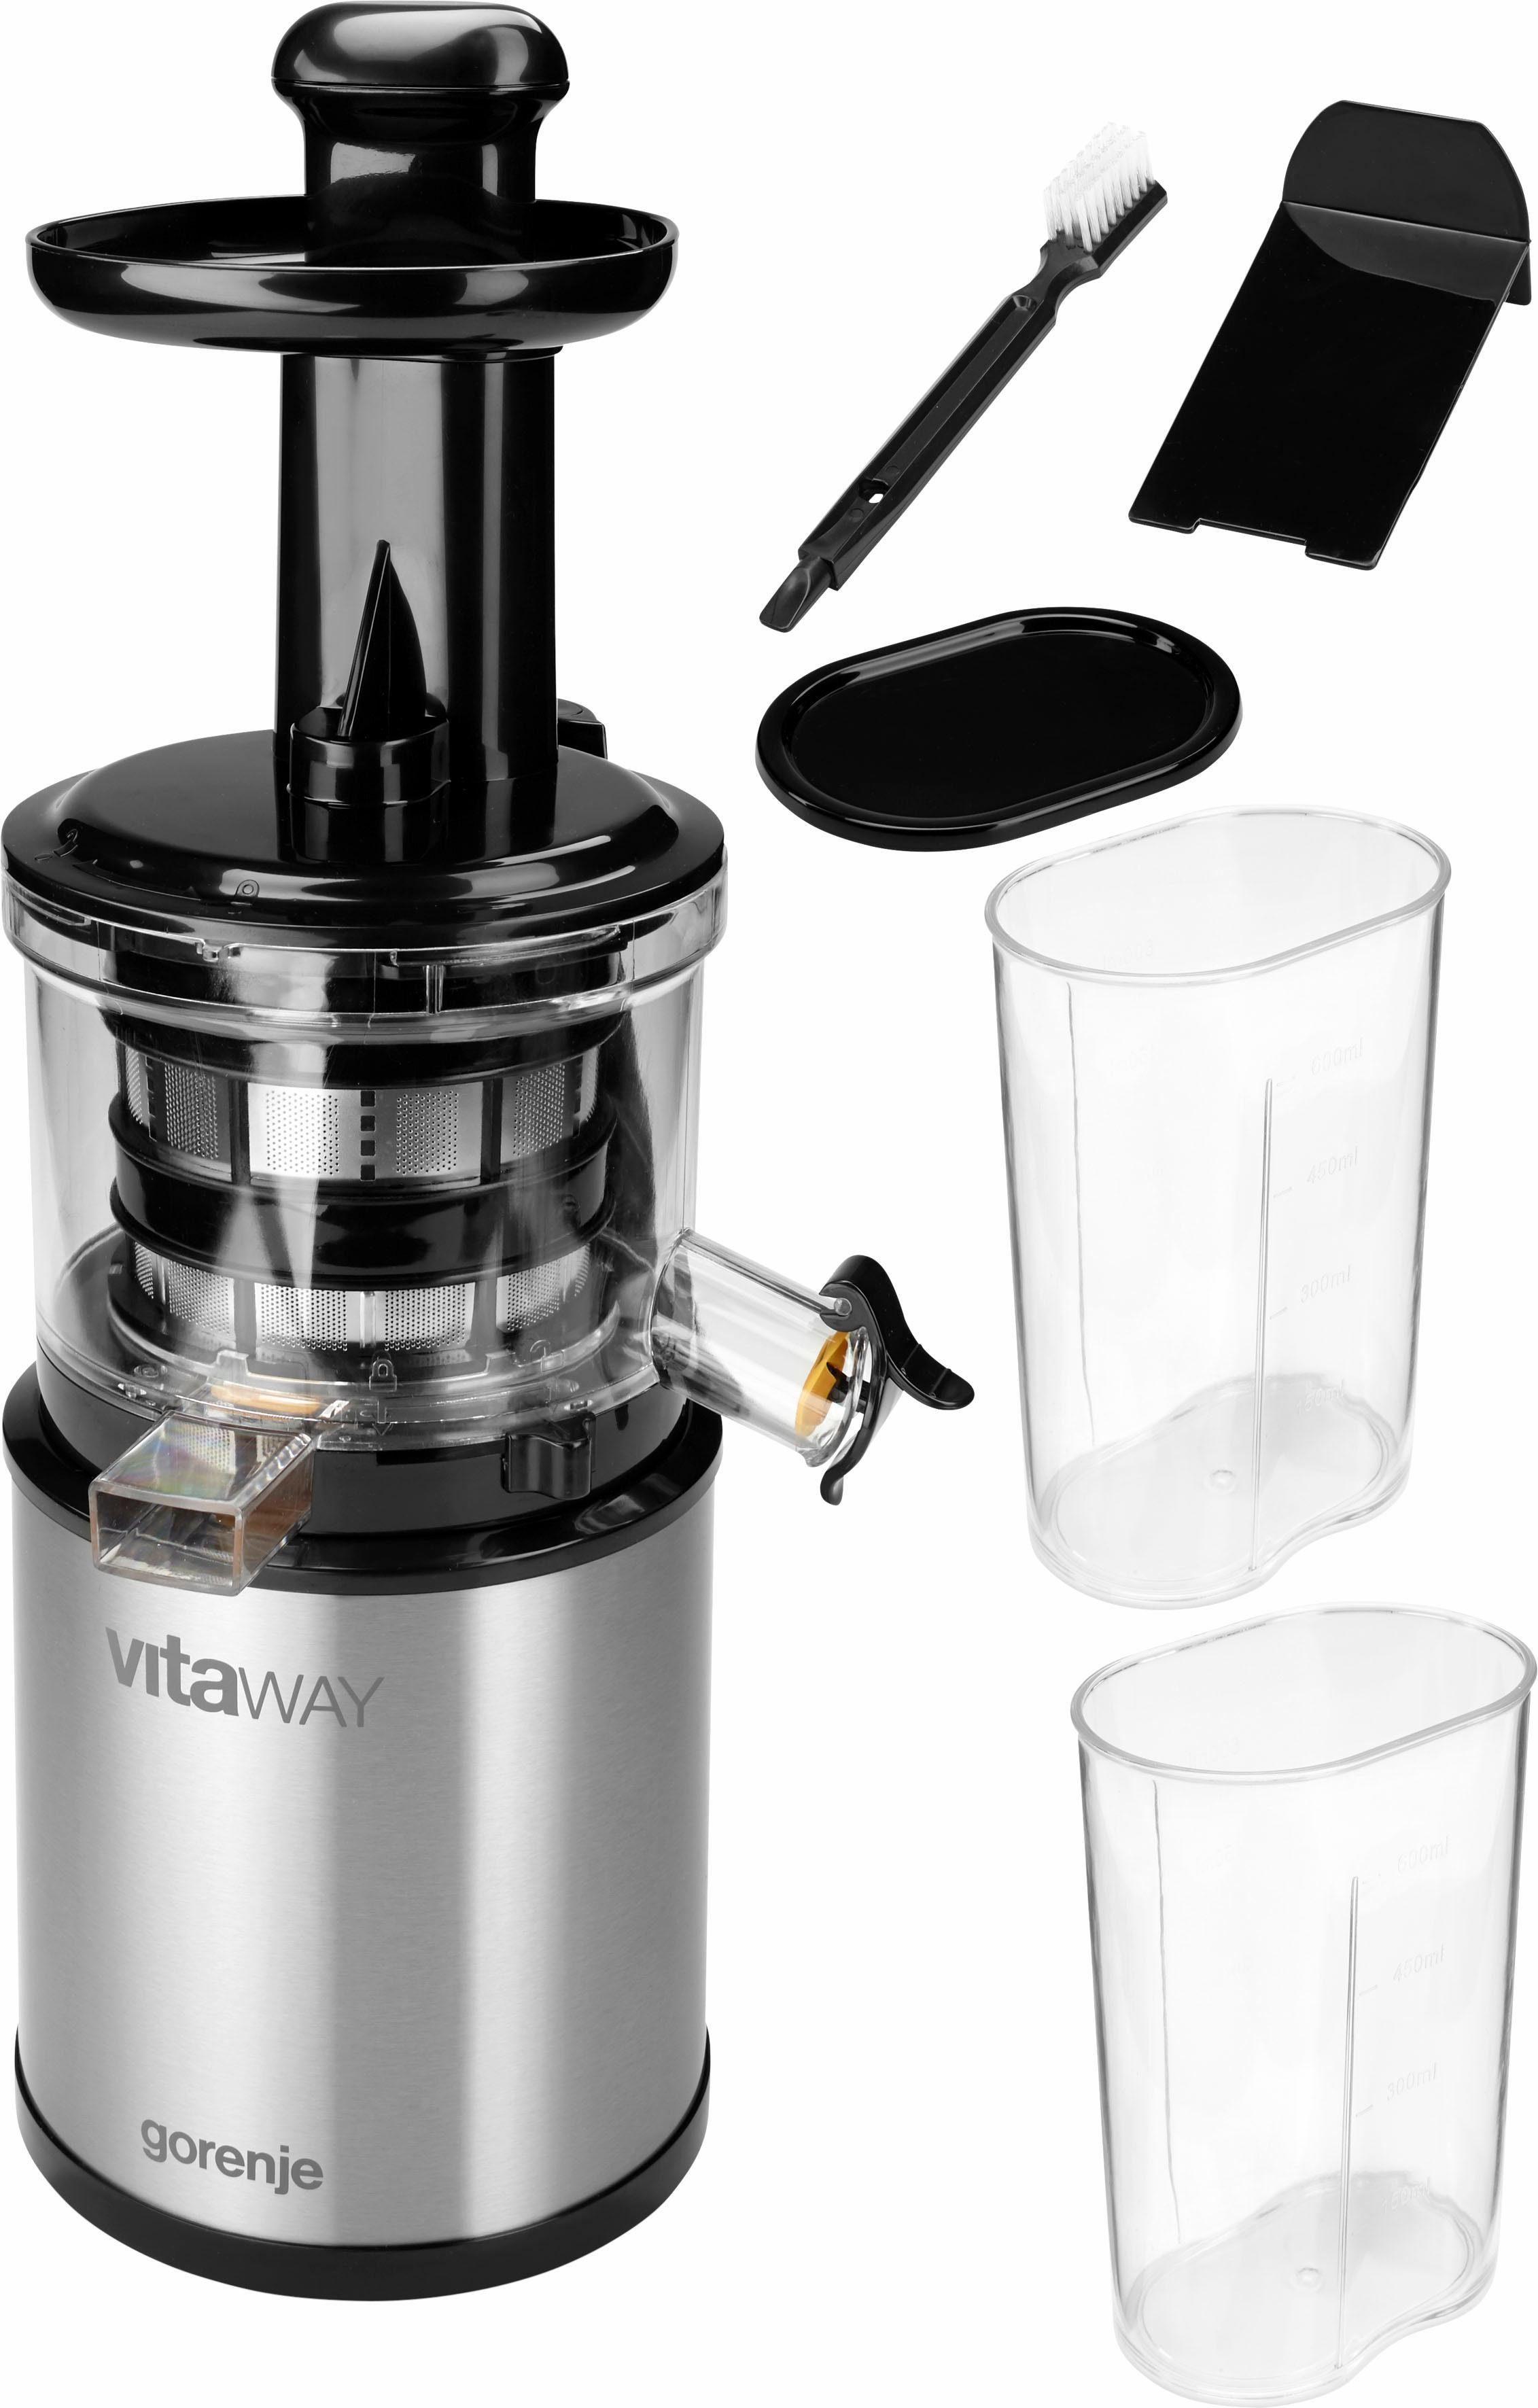 GORENJE Slow Juicer VitaWay SlowJuicer JC4800VWY, 200 W, 200 Watt